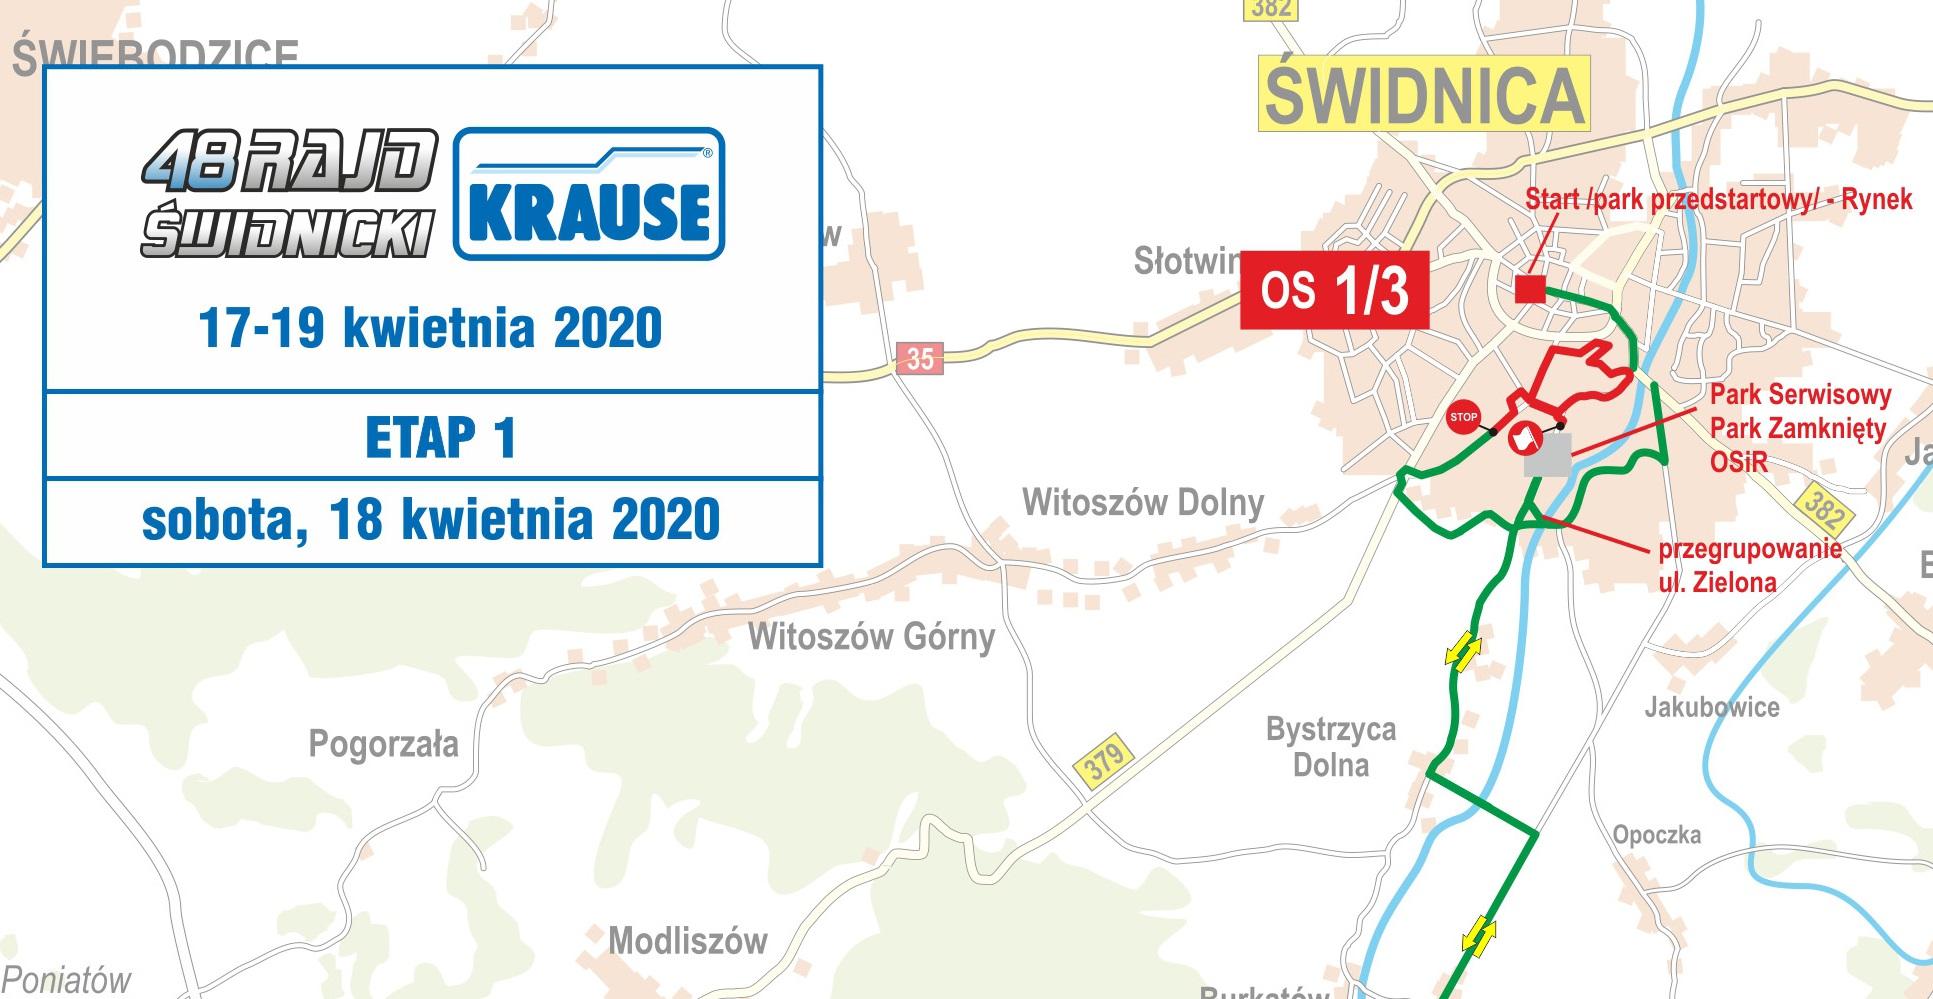 Mapy 48. Rajdu Świdnickiego – KRAUSE 2020